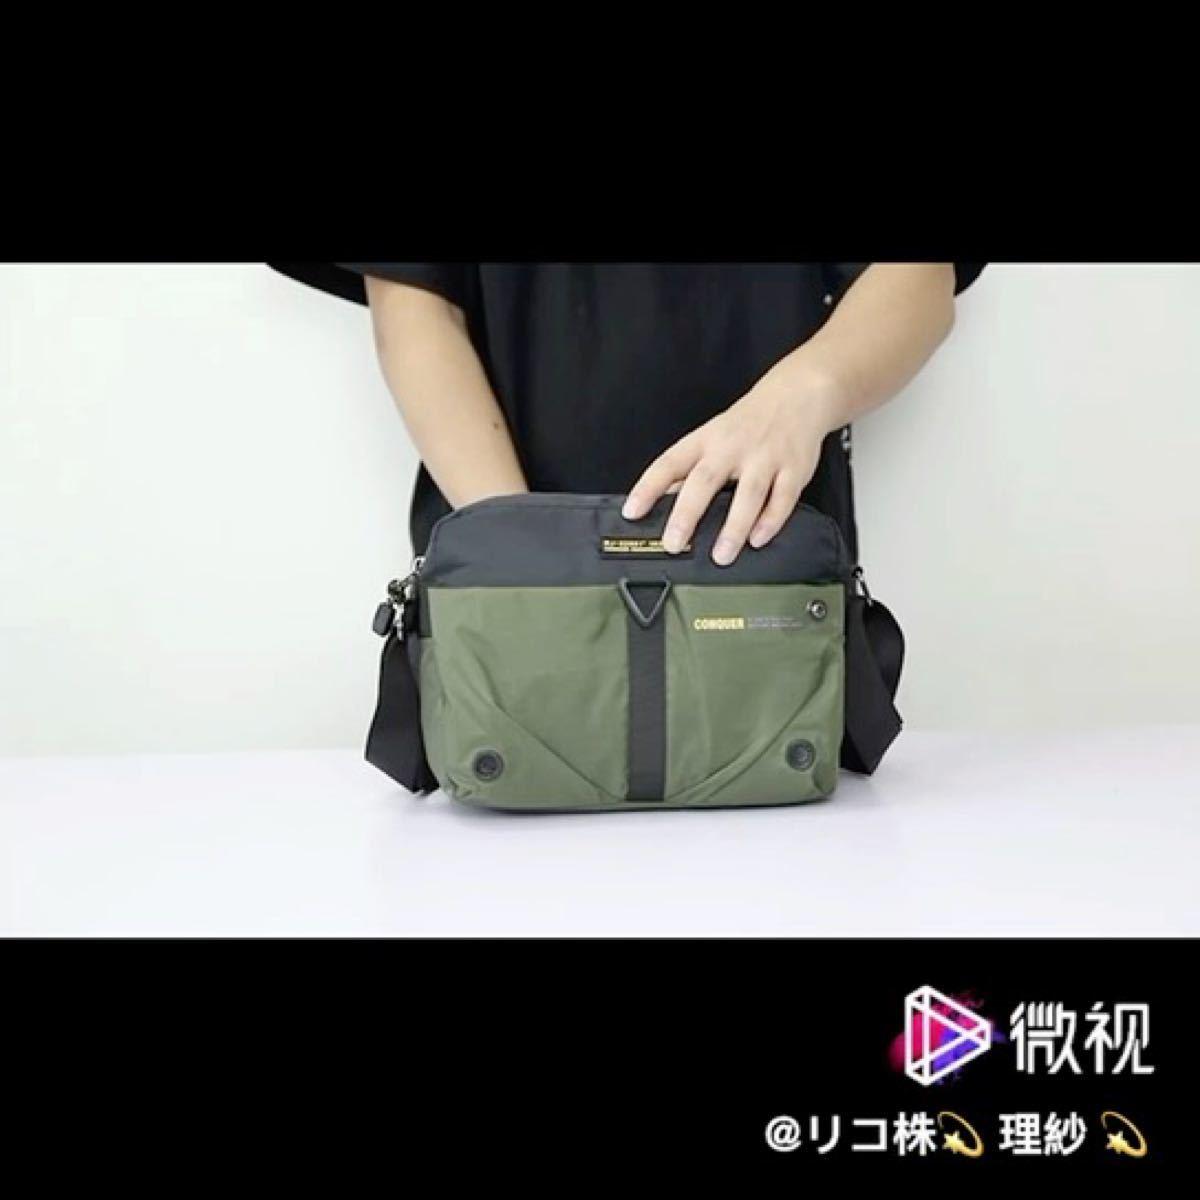 ショルダーバッグ 斜め掛け 小さめ コンパクト 大容量 ポケット多い 多機能収納 カーキ